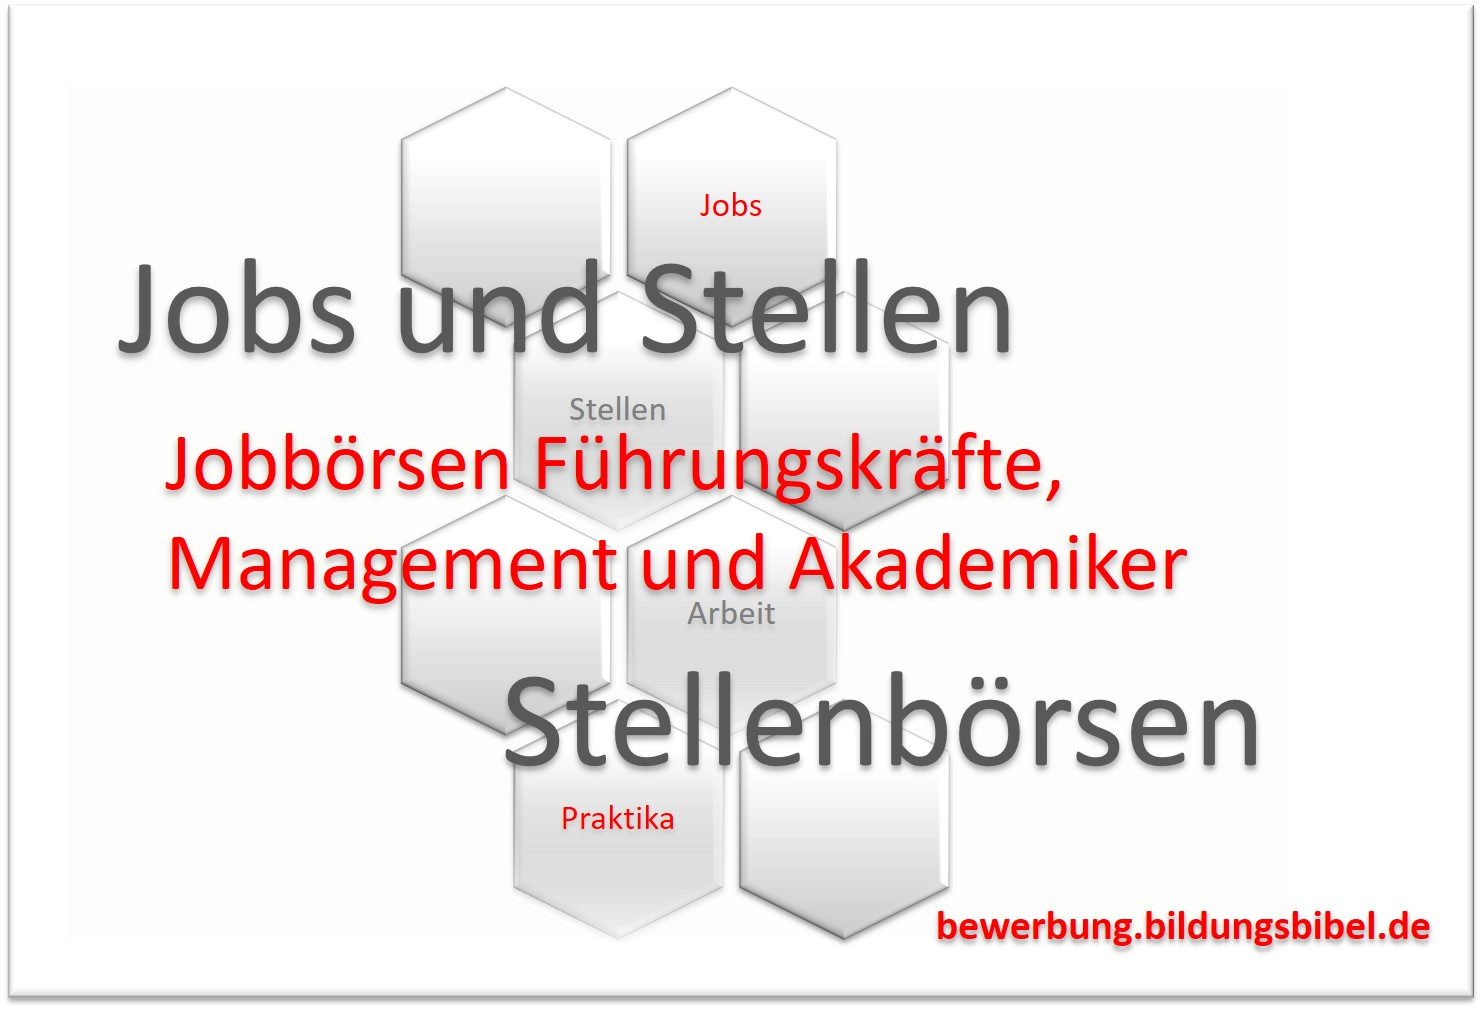 Jobbörse für Führungskräfte oder Führung, das Management und für Akademiker